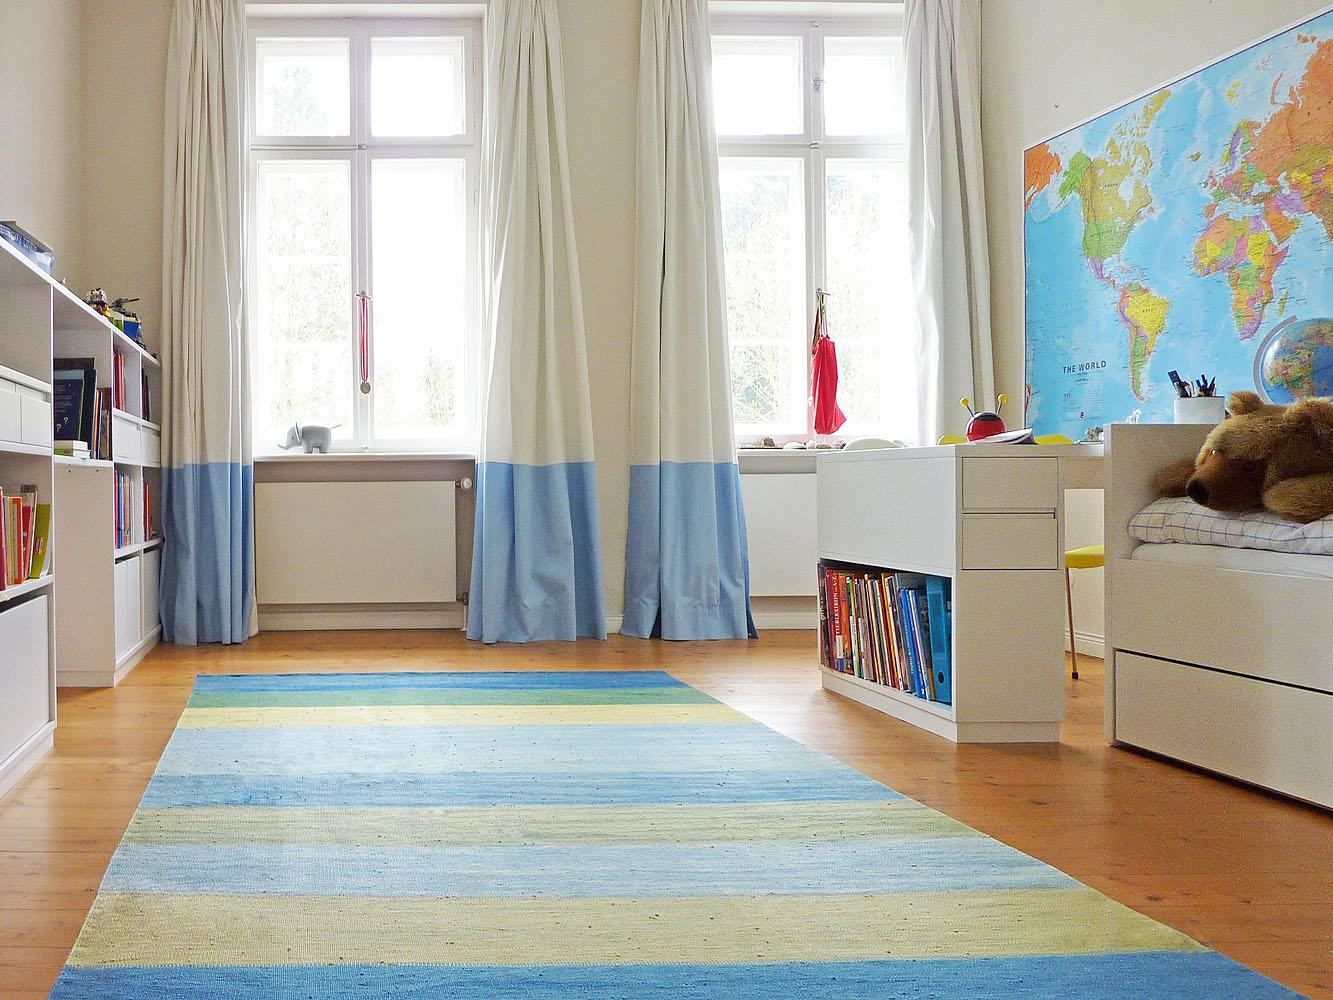 Teppich-im-kinderzimmer